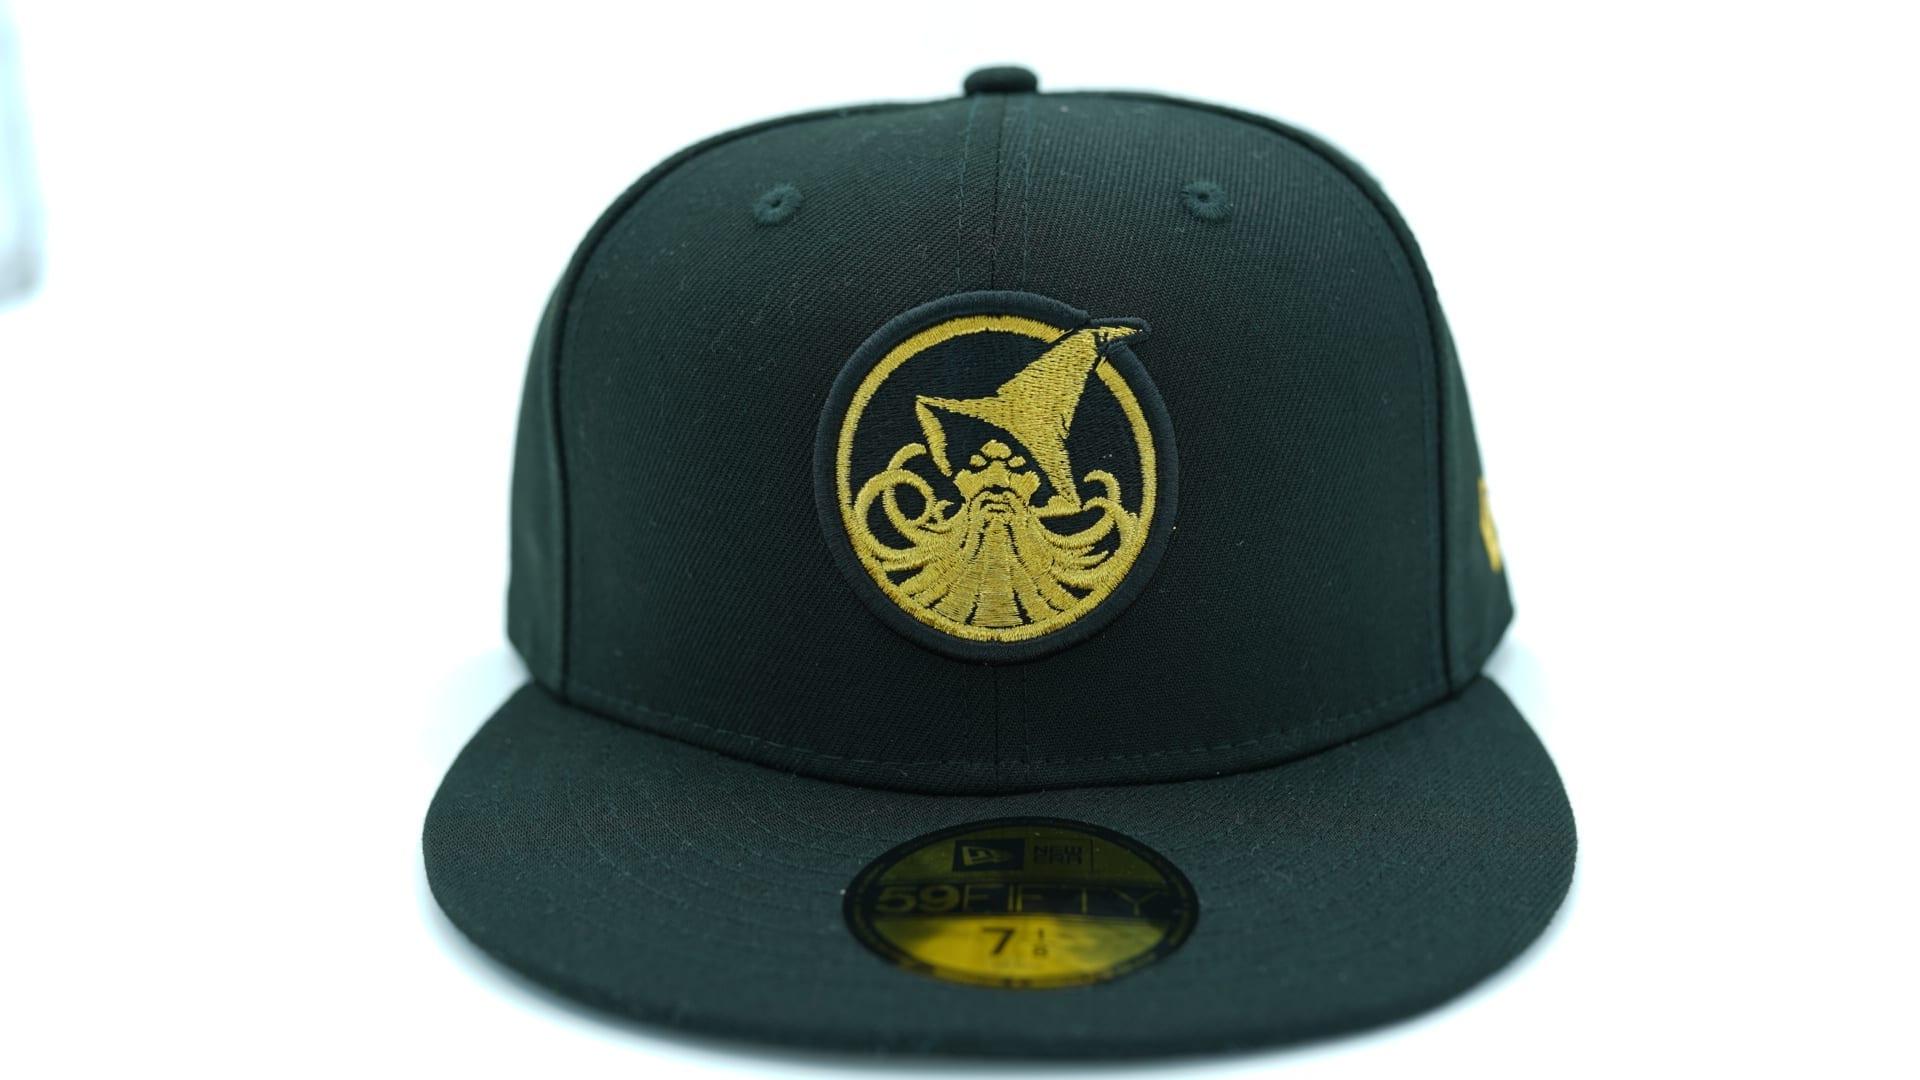 inexpensive marvel black panther hat 9e04e d654d bc5b1b76eba